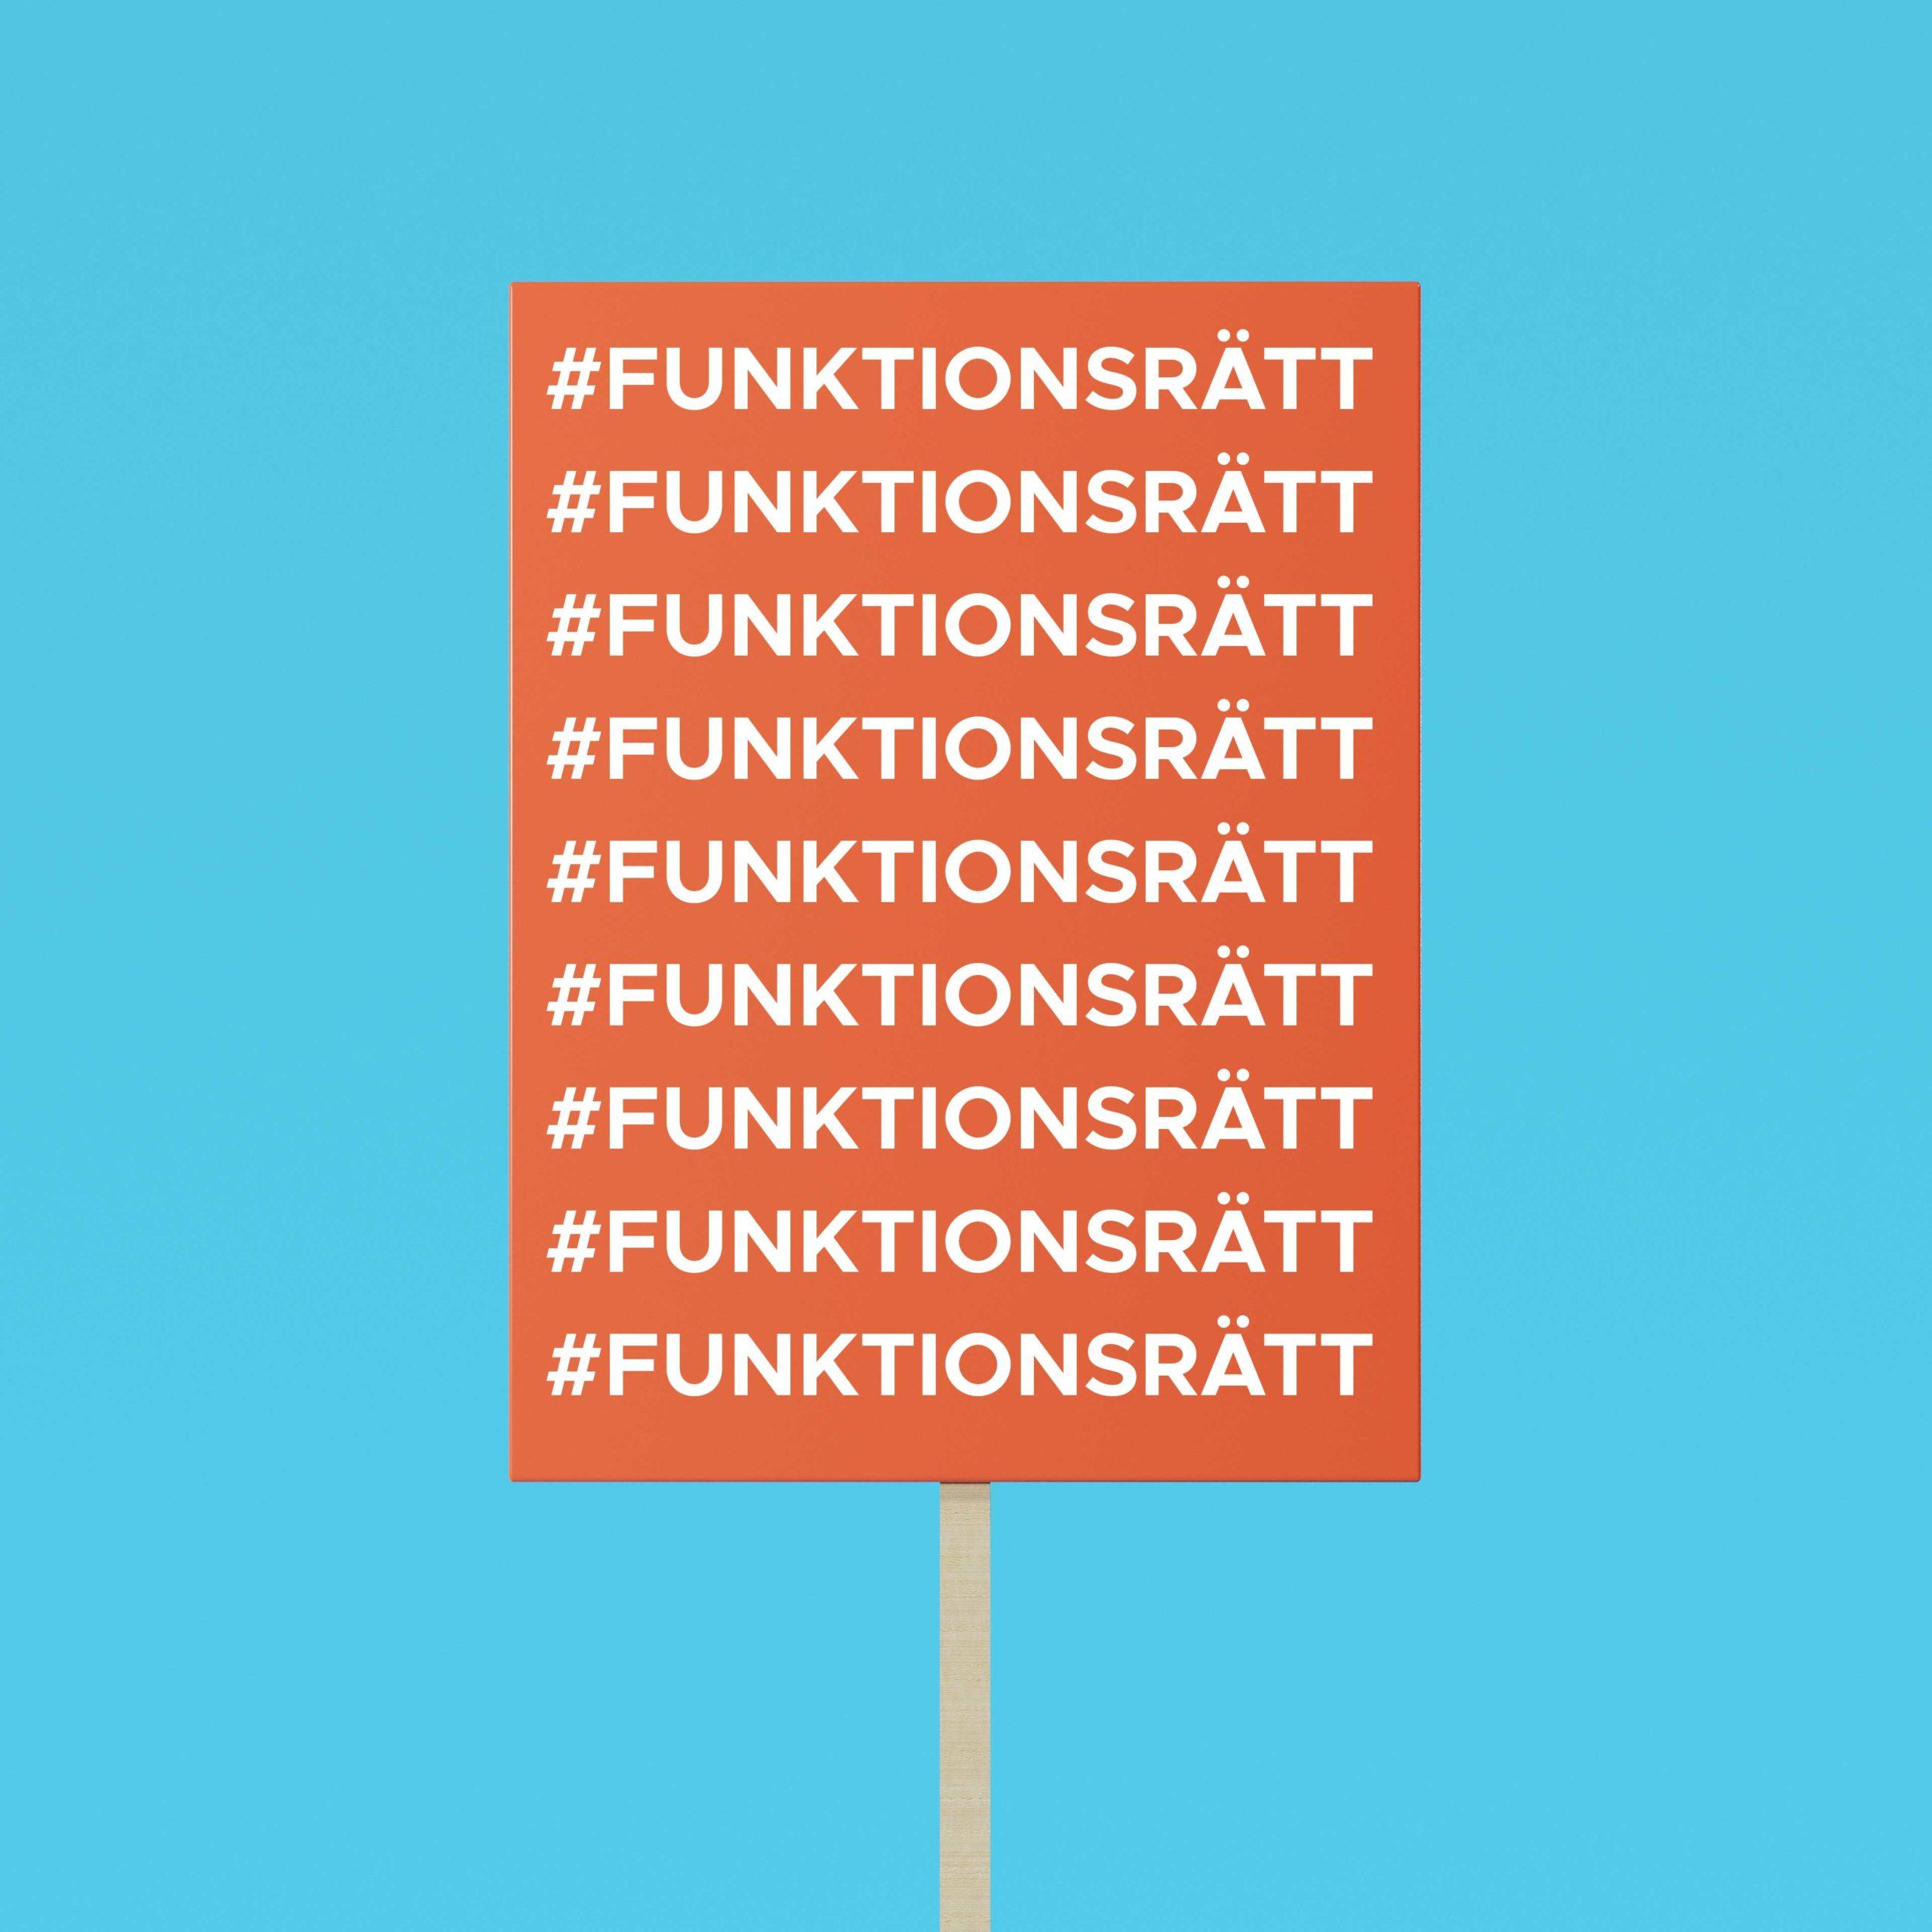 protestplakat med text: #funktionsrätt upprepade gånger